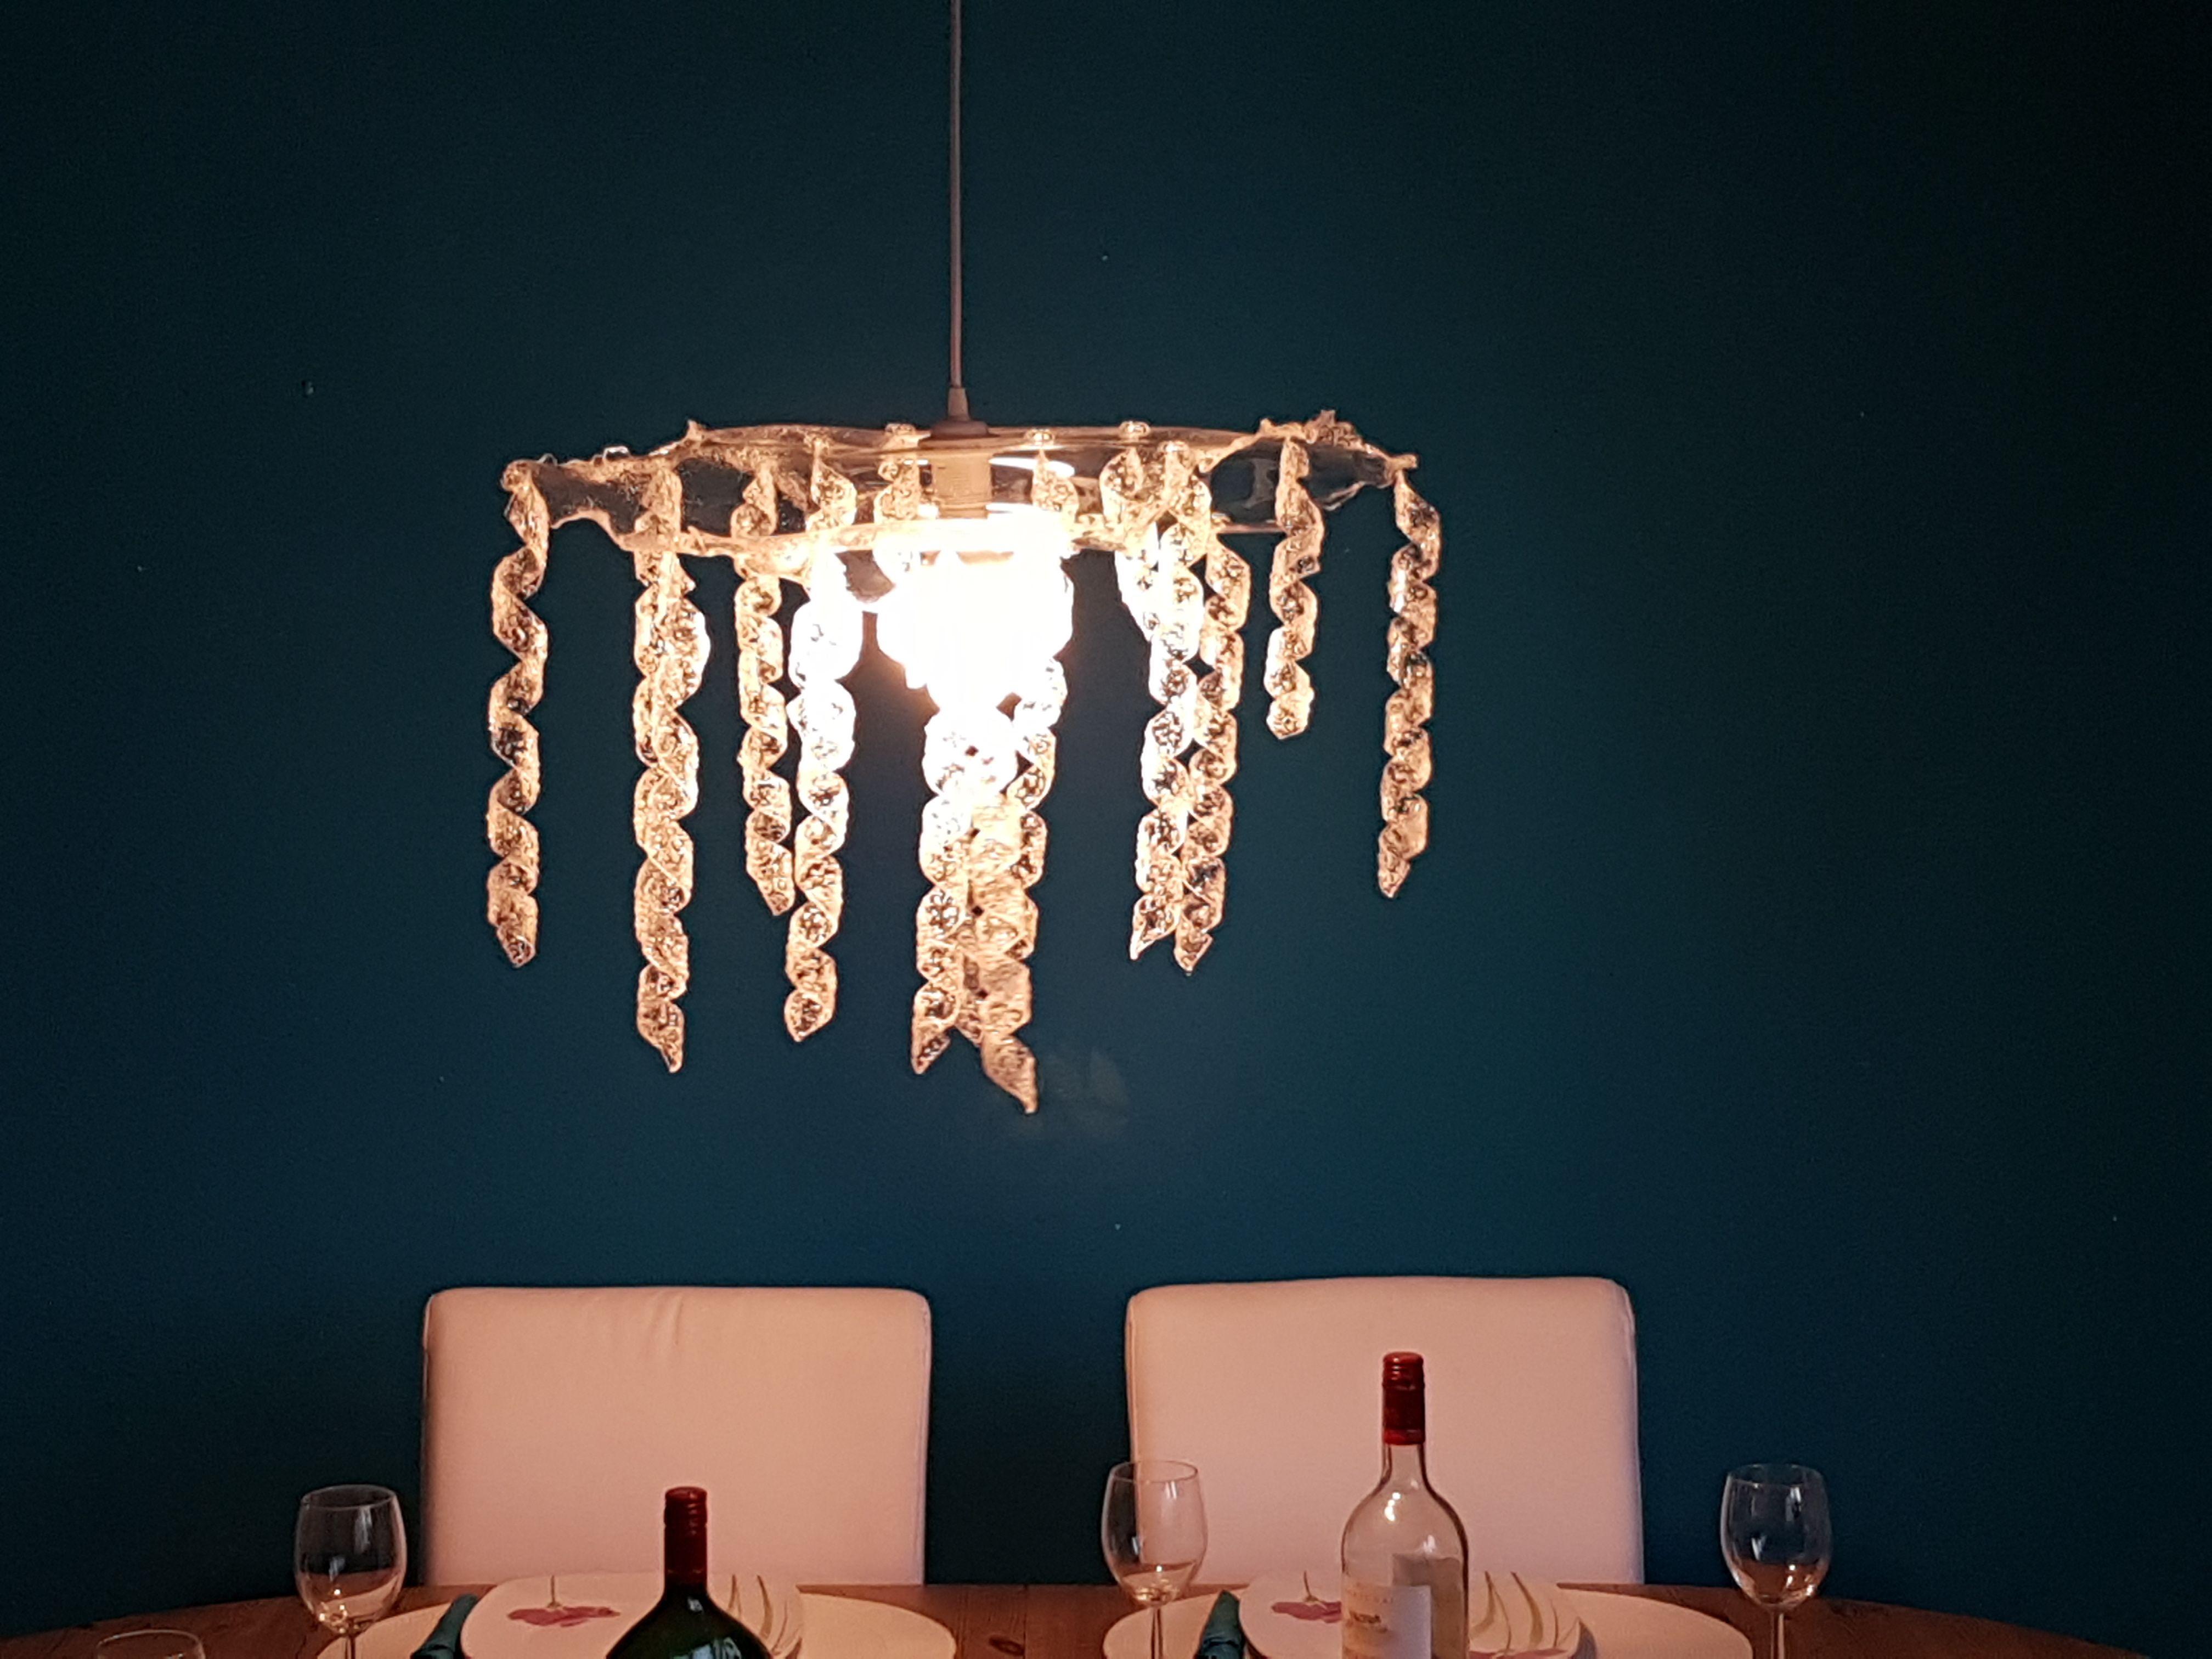 Handgemachte Lampe Aus Acrylglas Spirale Plexiglas Lampe Diy Deckenlampe Durchsichtig Blumchen Dekorativ Wohnzimme Deckenlampe Lampe Led Leuchtmittel